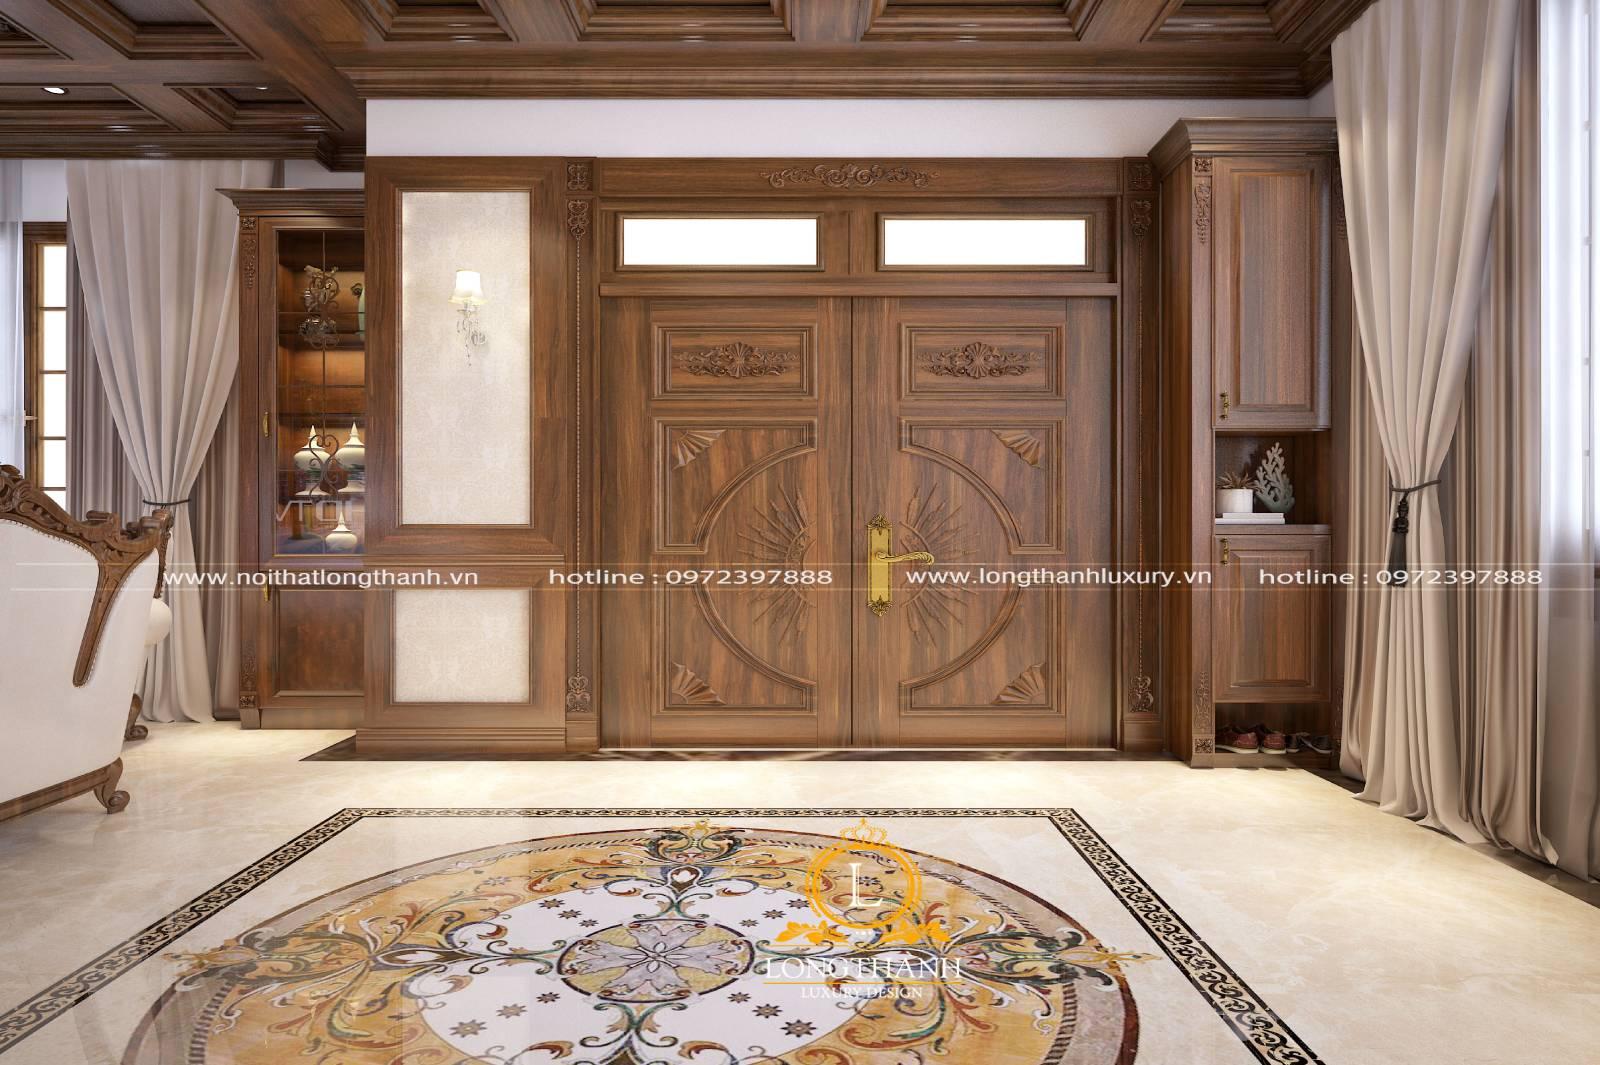 Mâu cửa gỗ tự nhiên 2 cánh đẹp cho phòng khách làm từ gỗ sồi mỹ